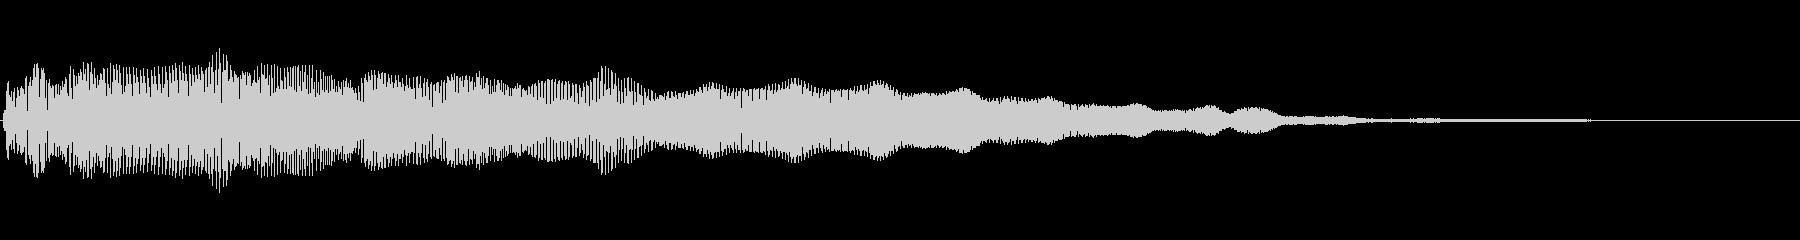 ビョ~ン オチ・間抜けな音の未再生の波形